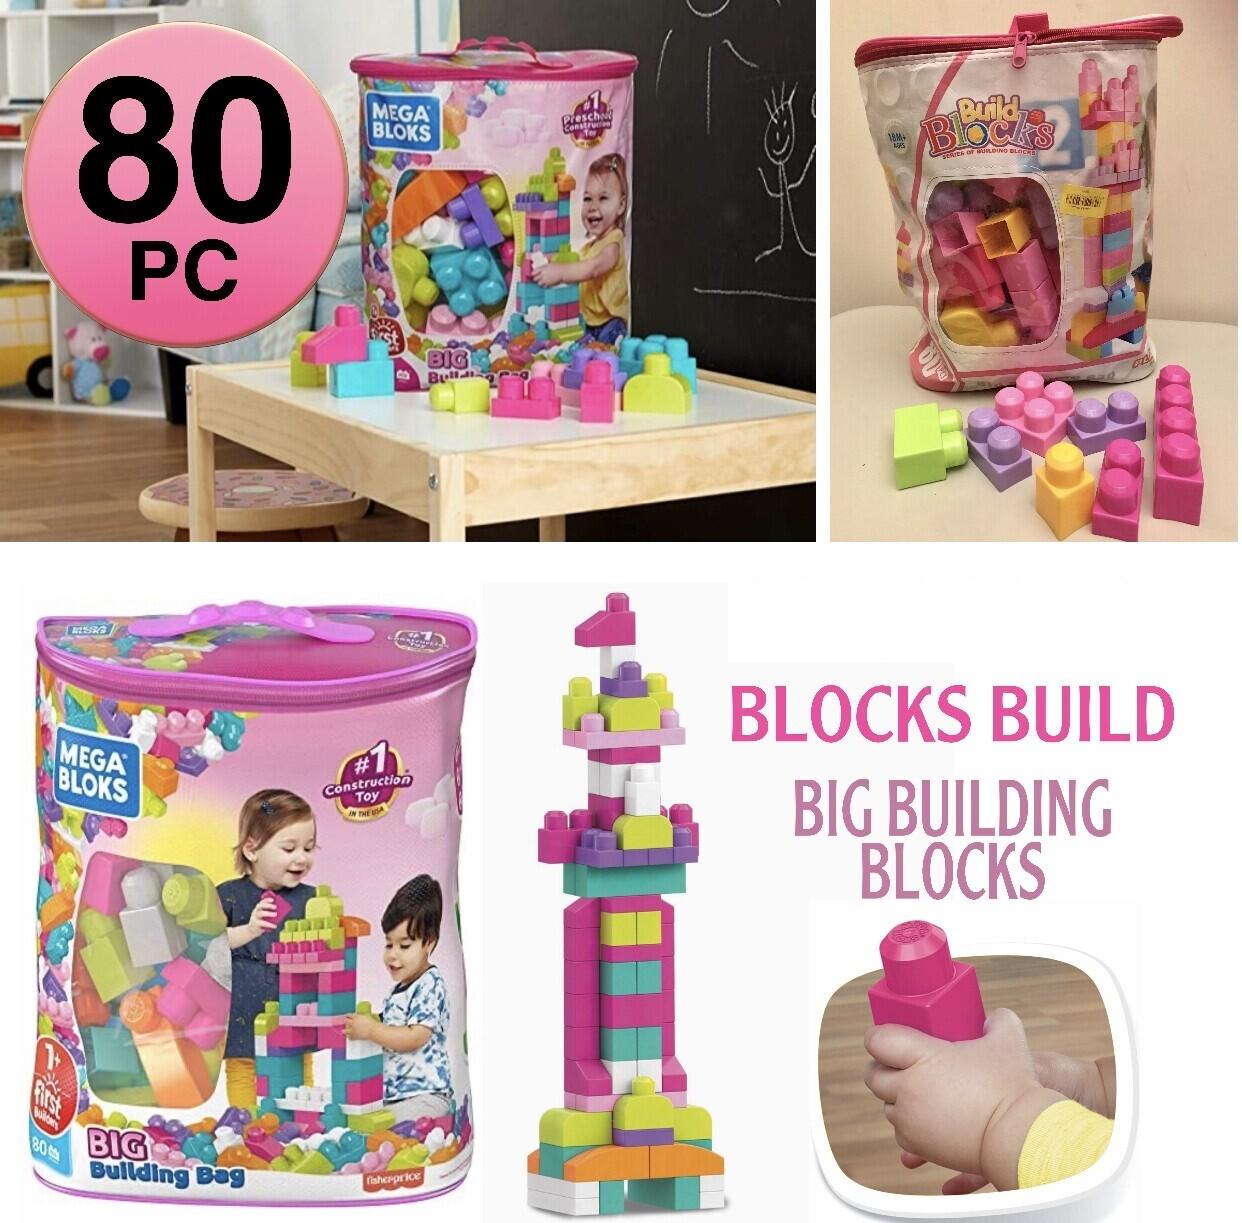 Mega Blocks Bag (80pc)